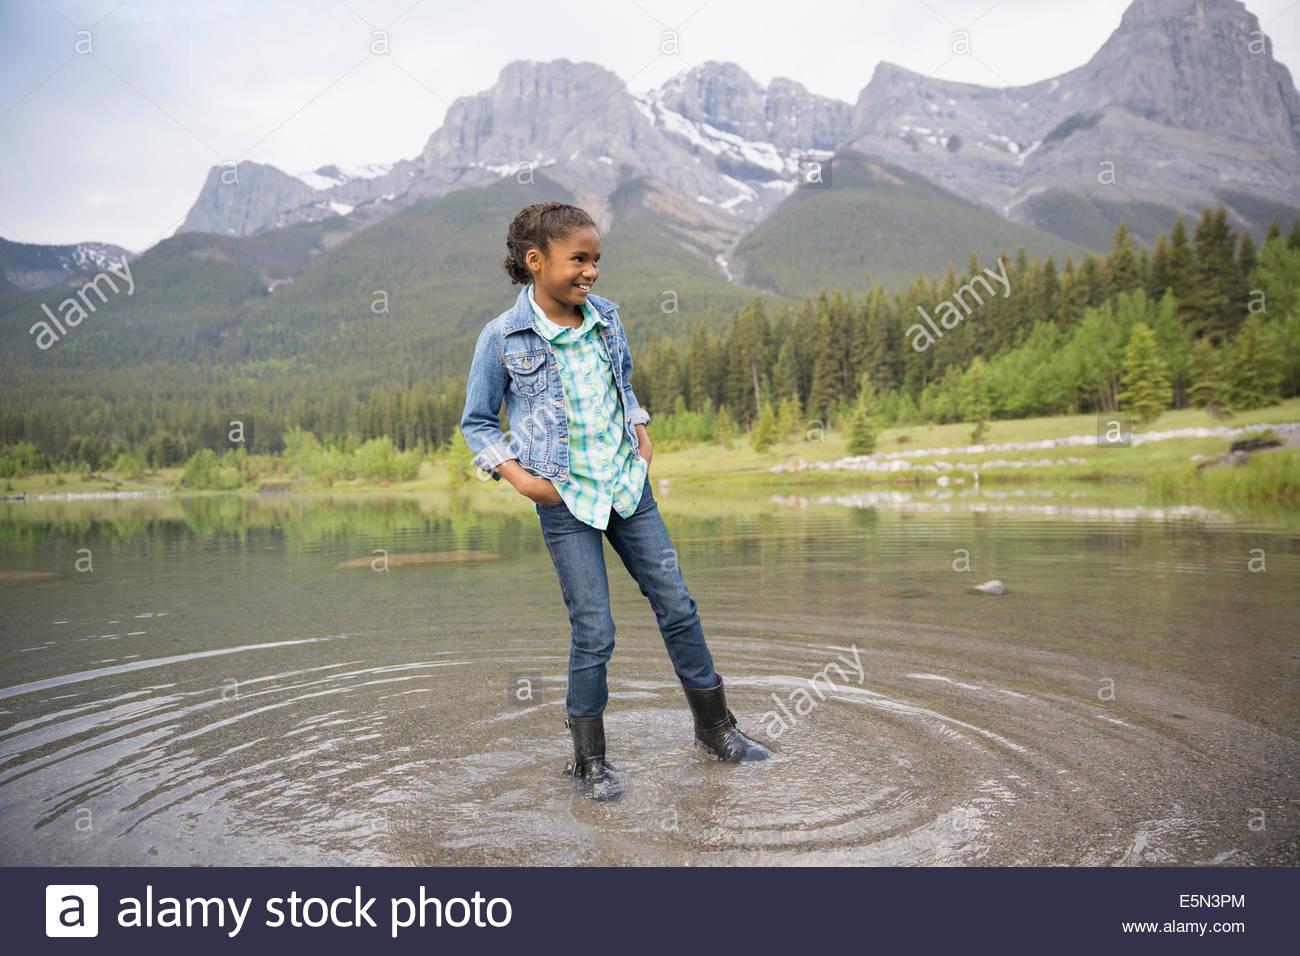 Niña jugando en el lago con las montañas en el fondo Imagen De Stock